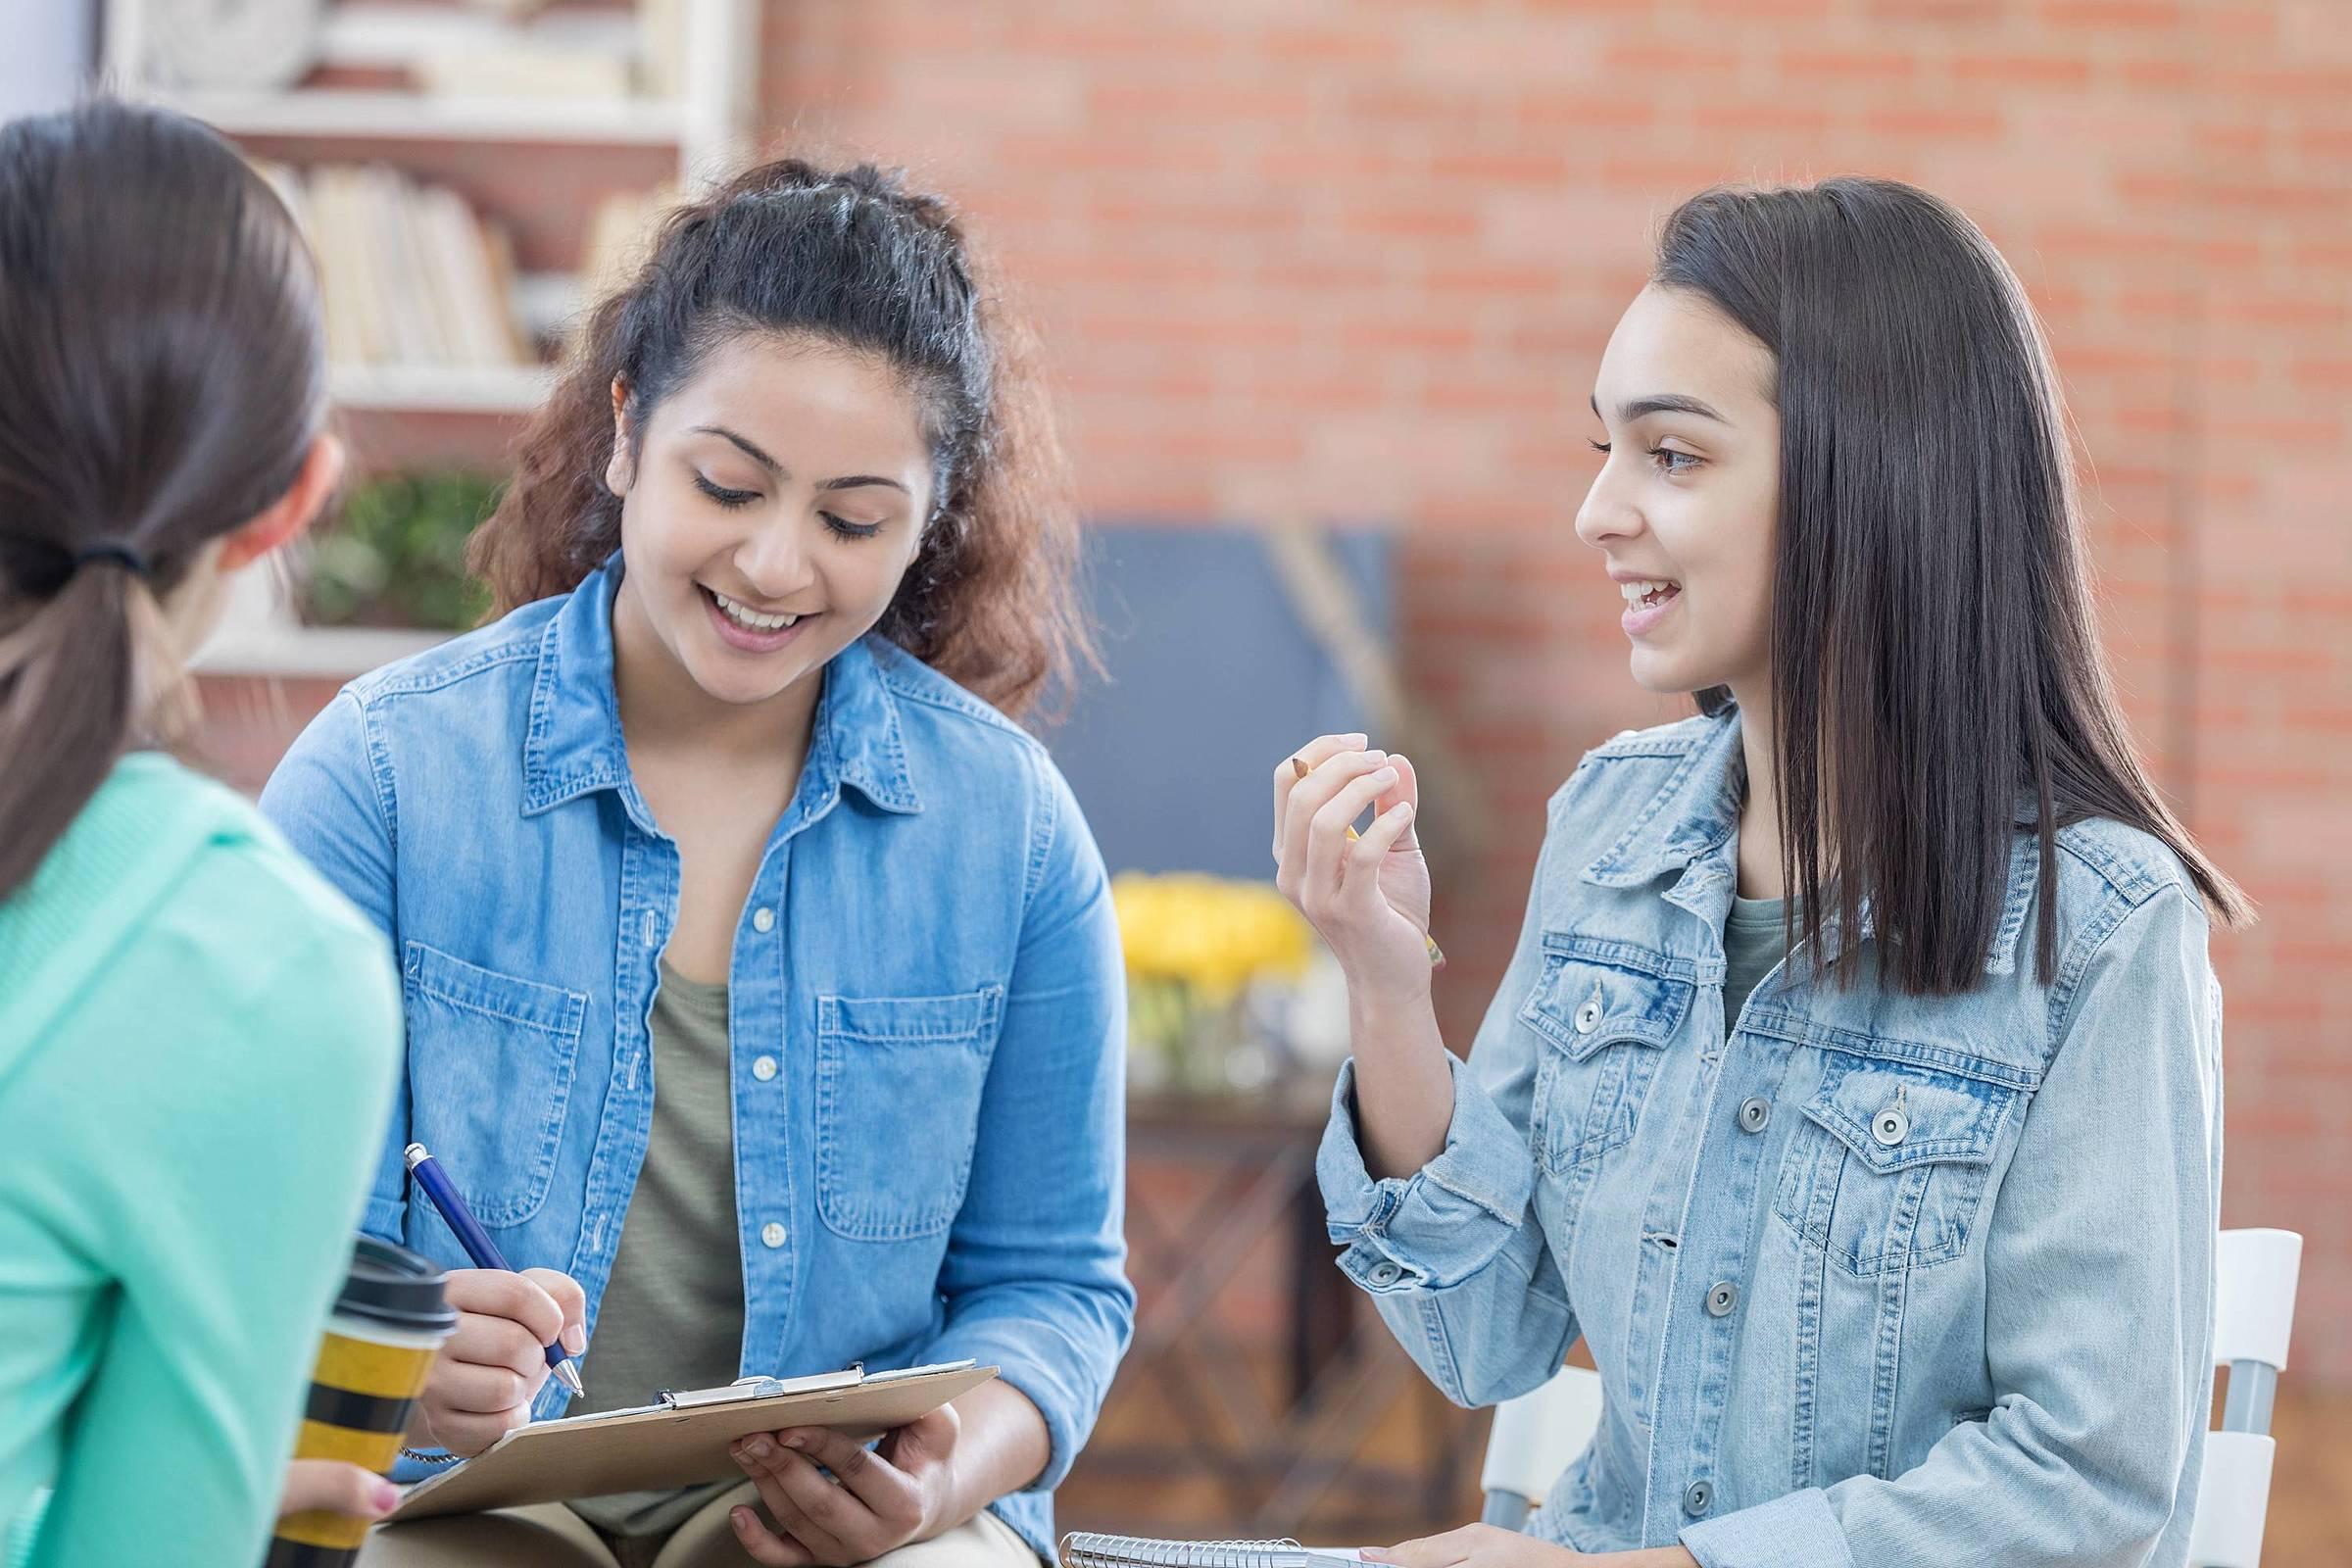 Escuela de Psicología cómo puede darle un giro positivo a tu vida